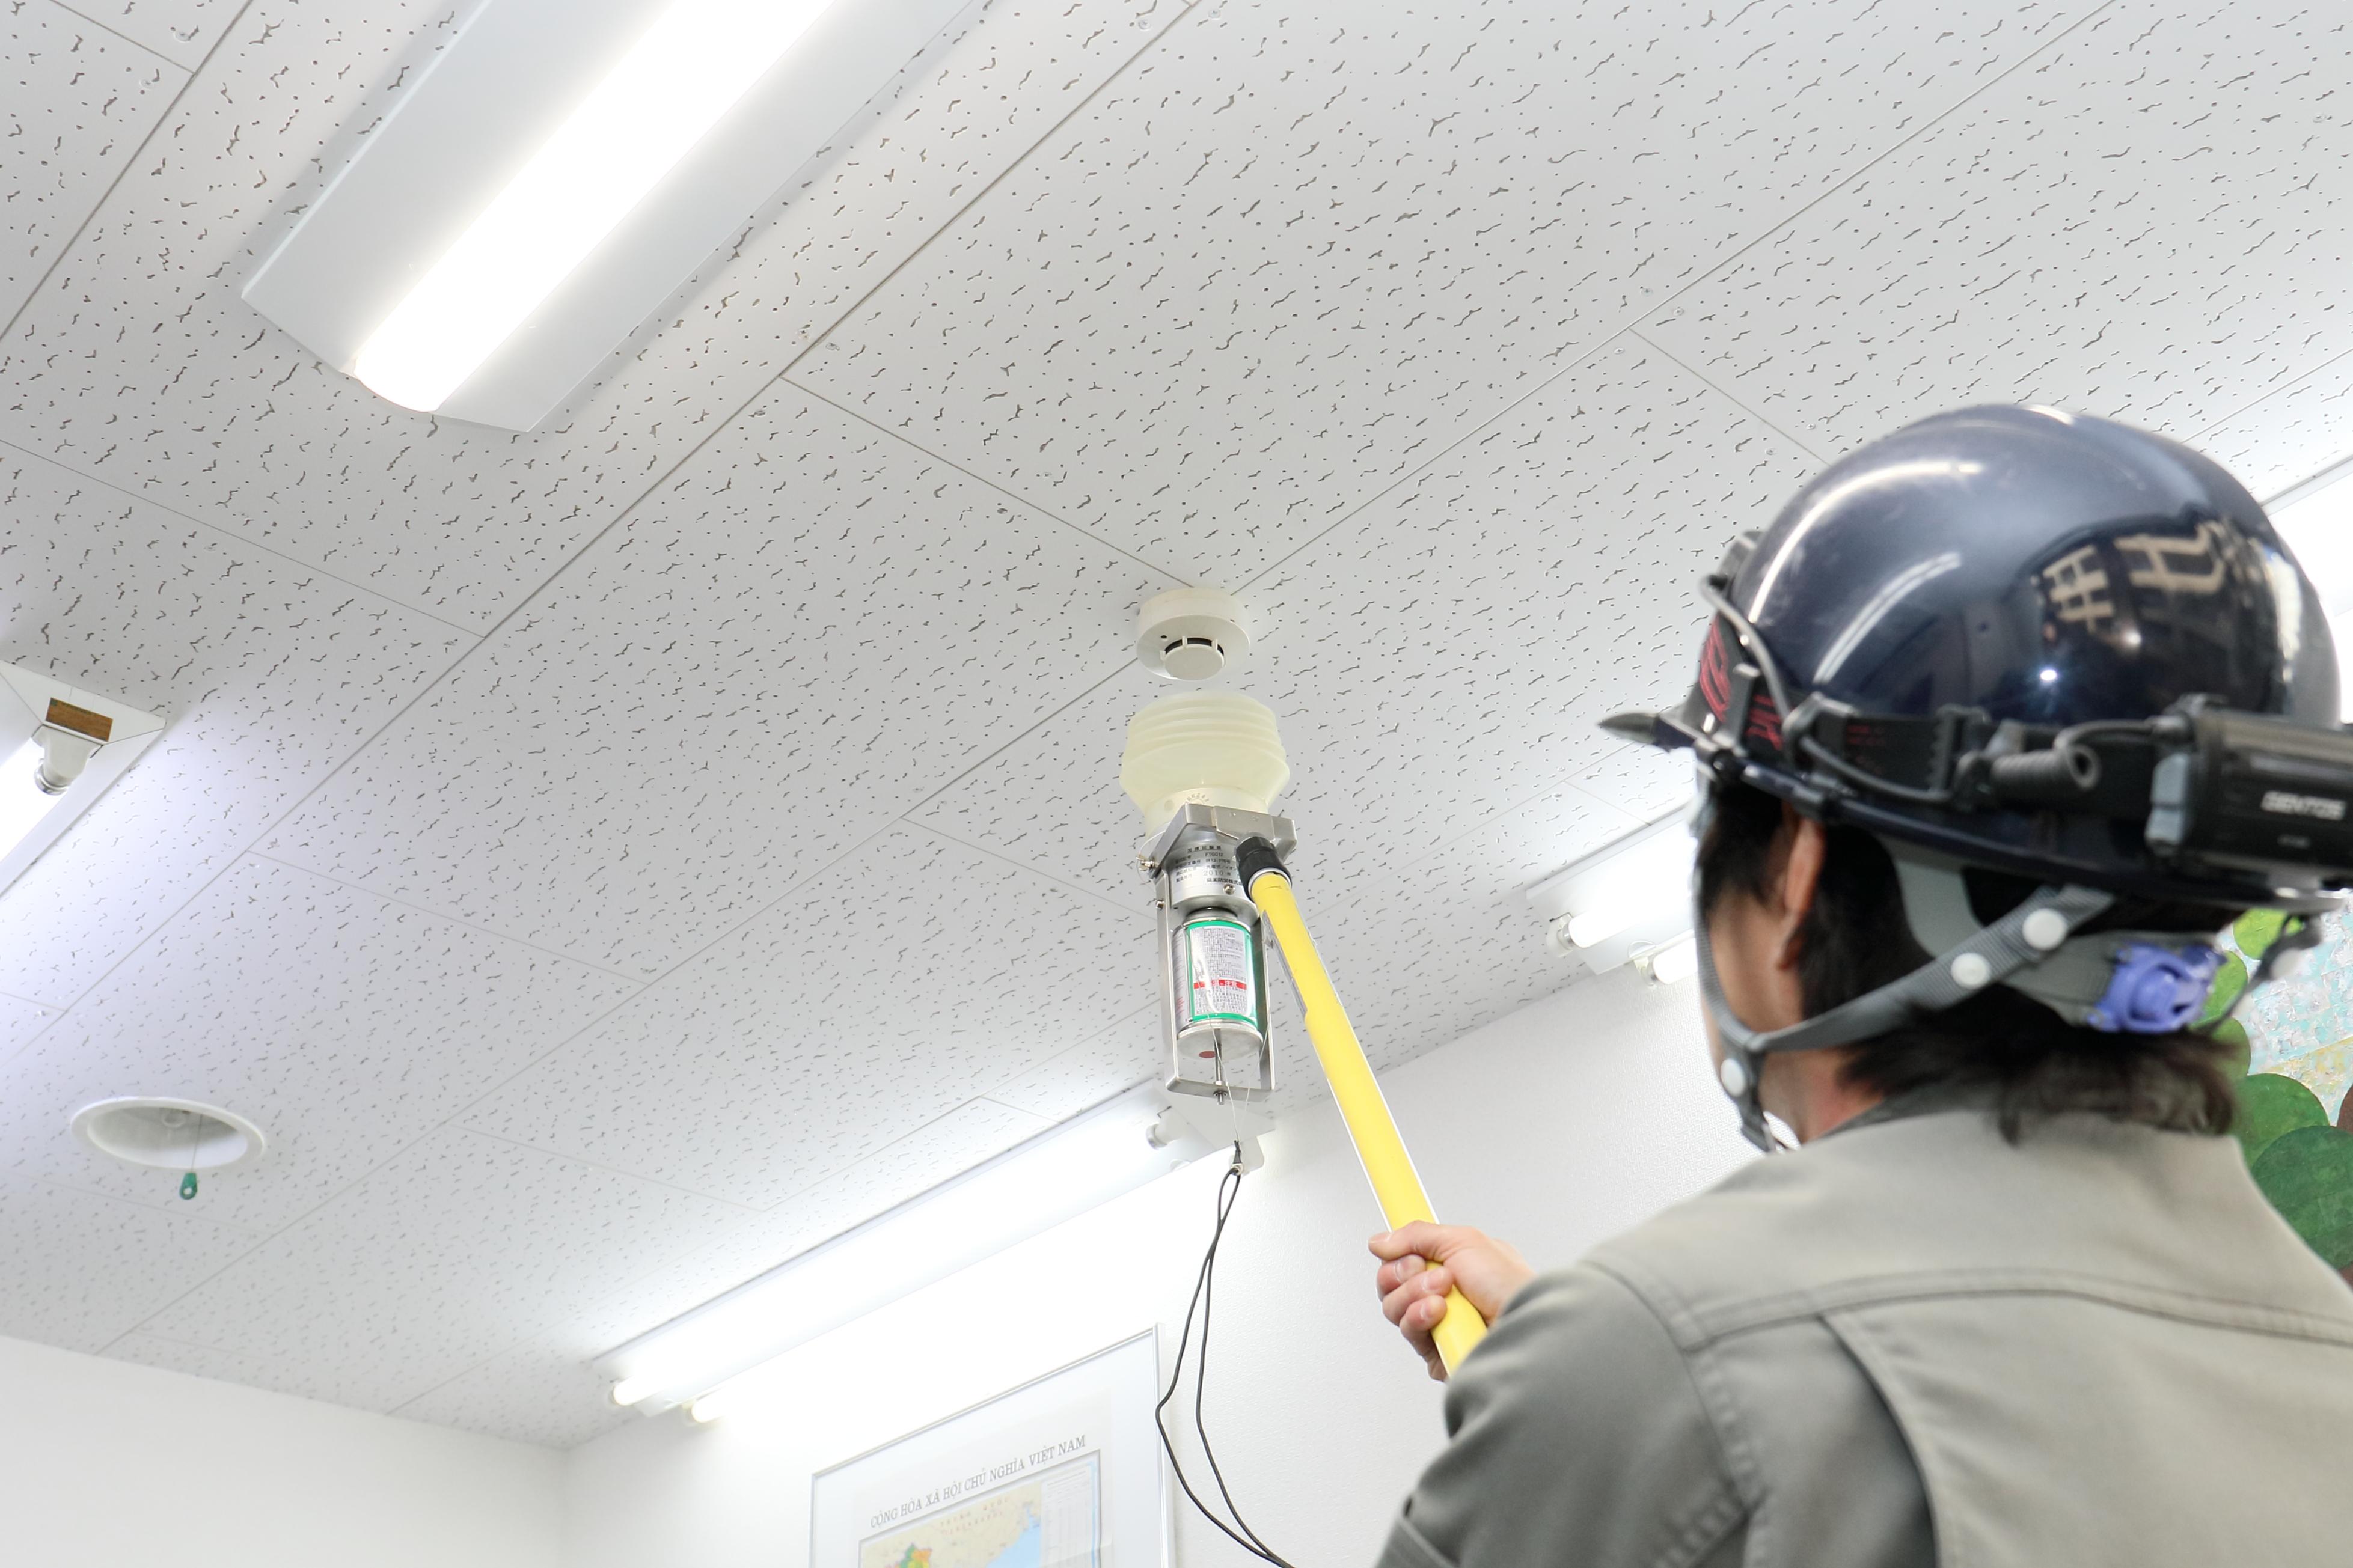 ・消防設備定期保守点検<br> ・各種消防設備改修<br> ・防火対象物点検<br> ・連結送水管耐圧試験